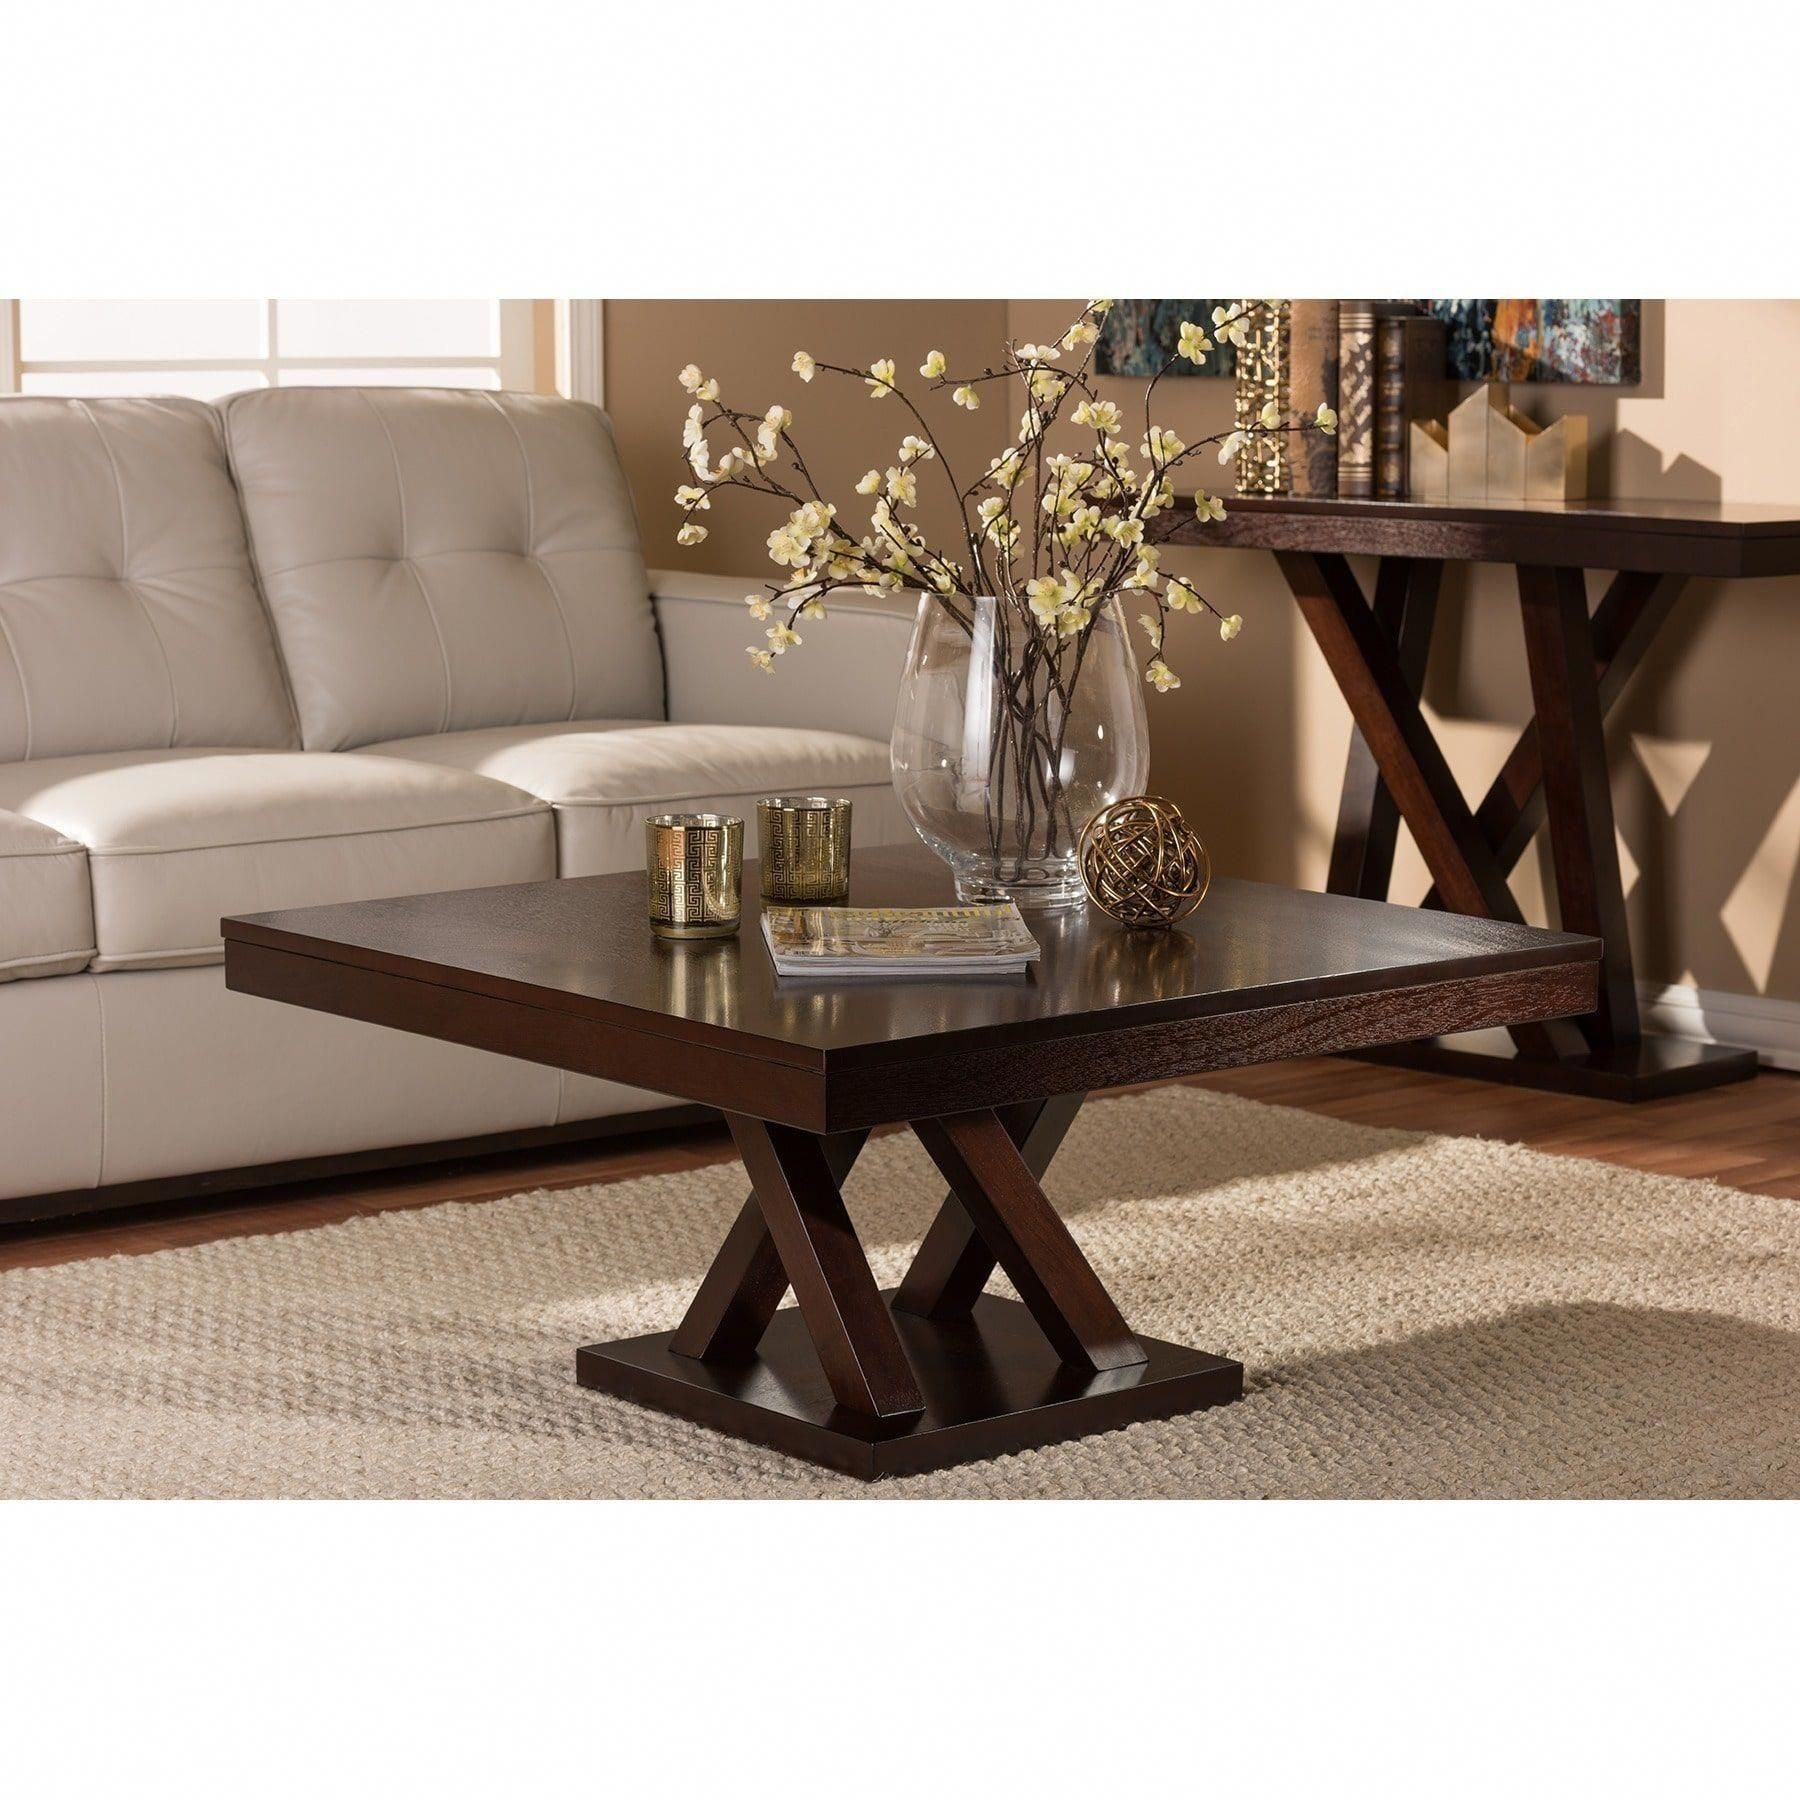 Tendenzen Im Mobeldesign Sperrholz Mobel Coffee Table Brown Coffee Table Living Room Coffee Table [ 1800 x 1800 Pixel ]